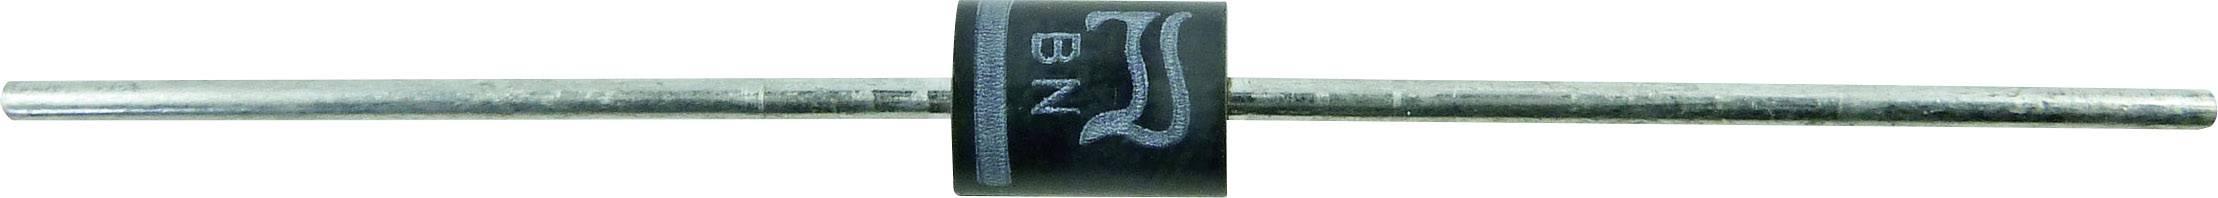 Kremíková usmerňovacia dióda Diotec BY550-200 BY550-200 5 A, 200 V